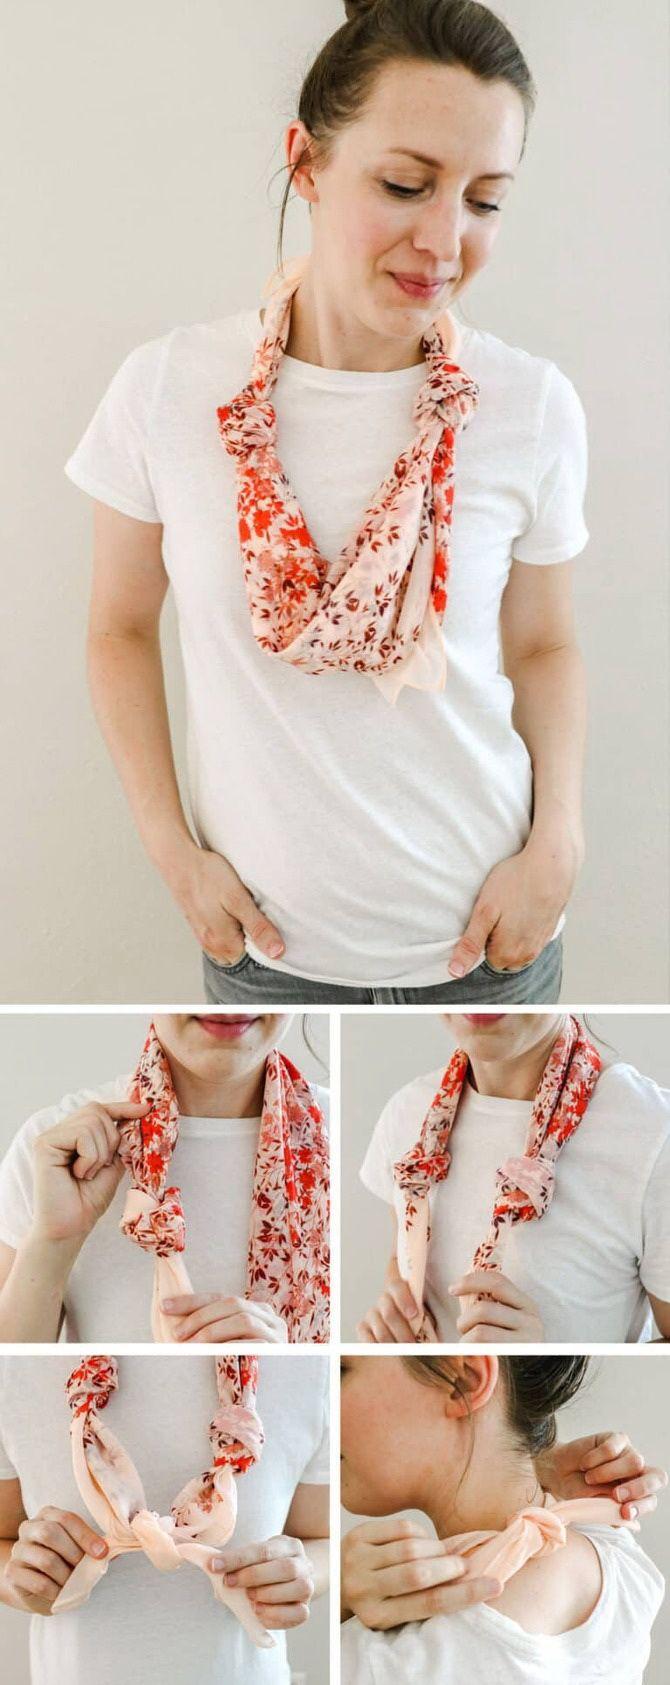 Як гарно зав'язати шарф: 19 найкращих способів 4